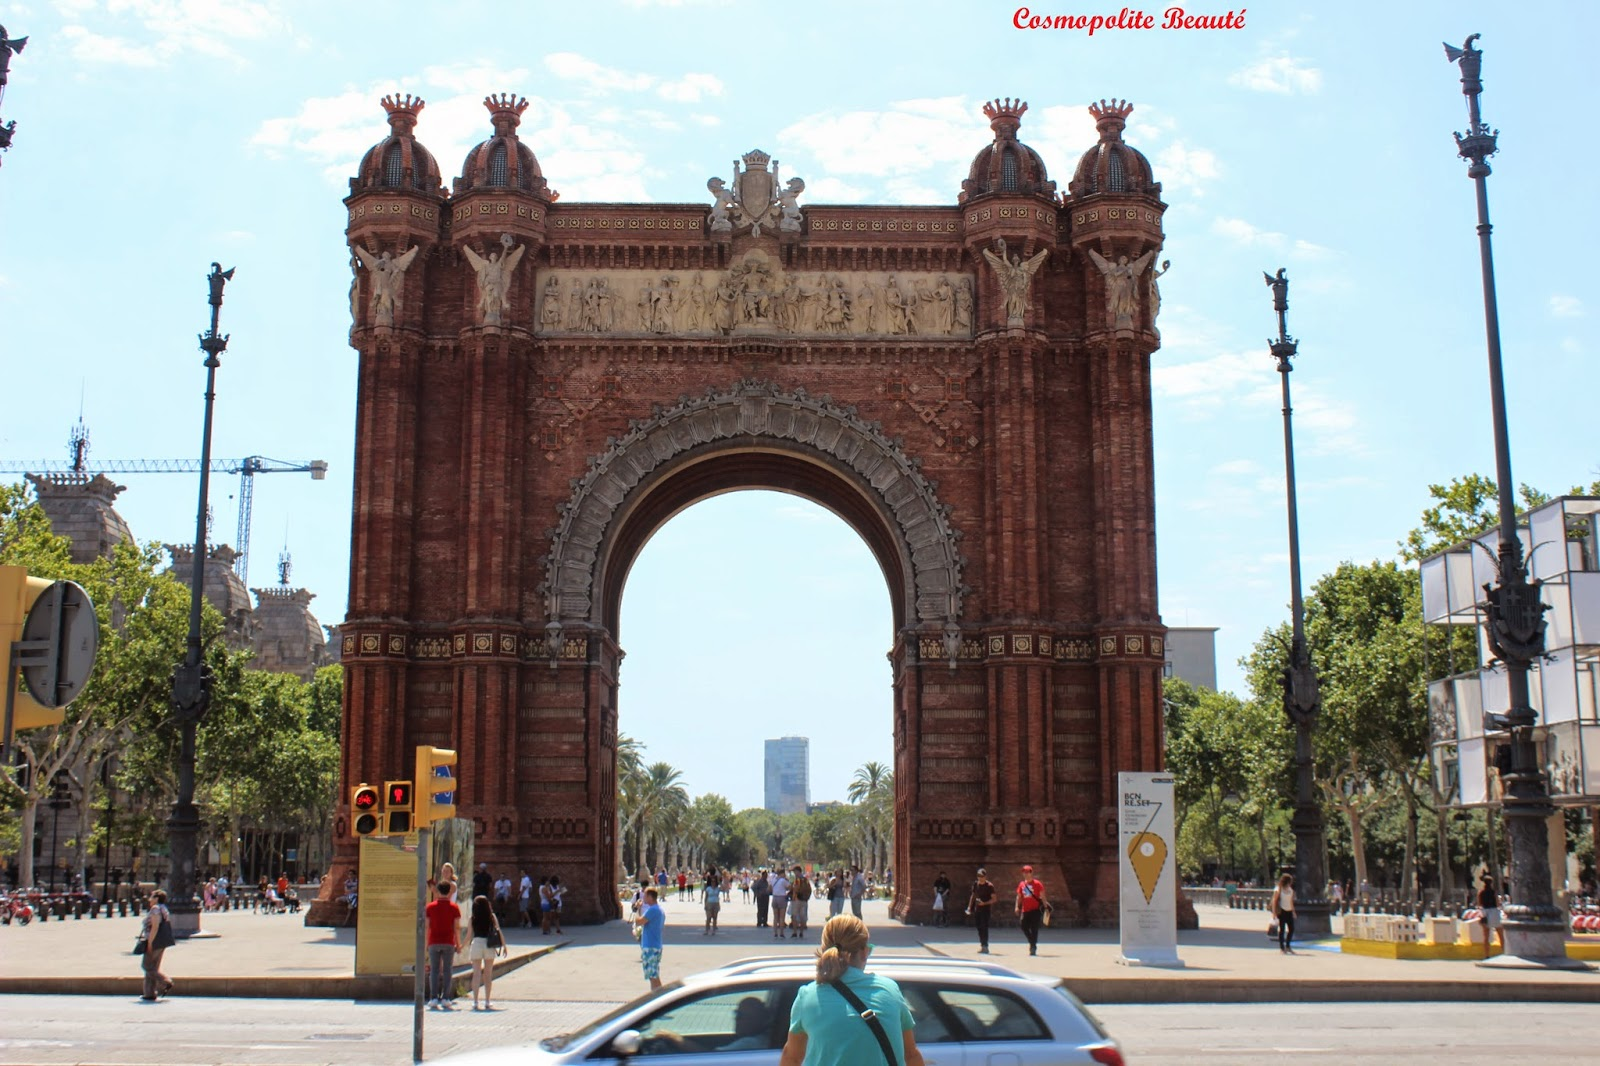 Arc de Triomphe, Barcelone, Espagne, voyage, carnet de voyage, Barcelona, beauté, mode, boutiques